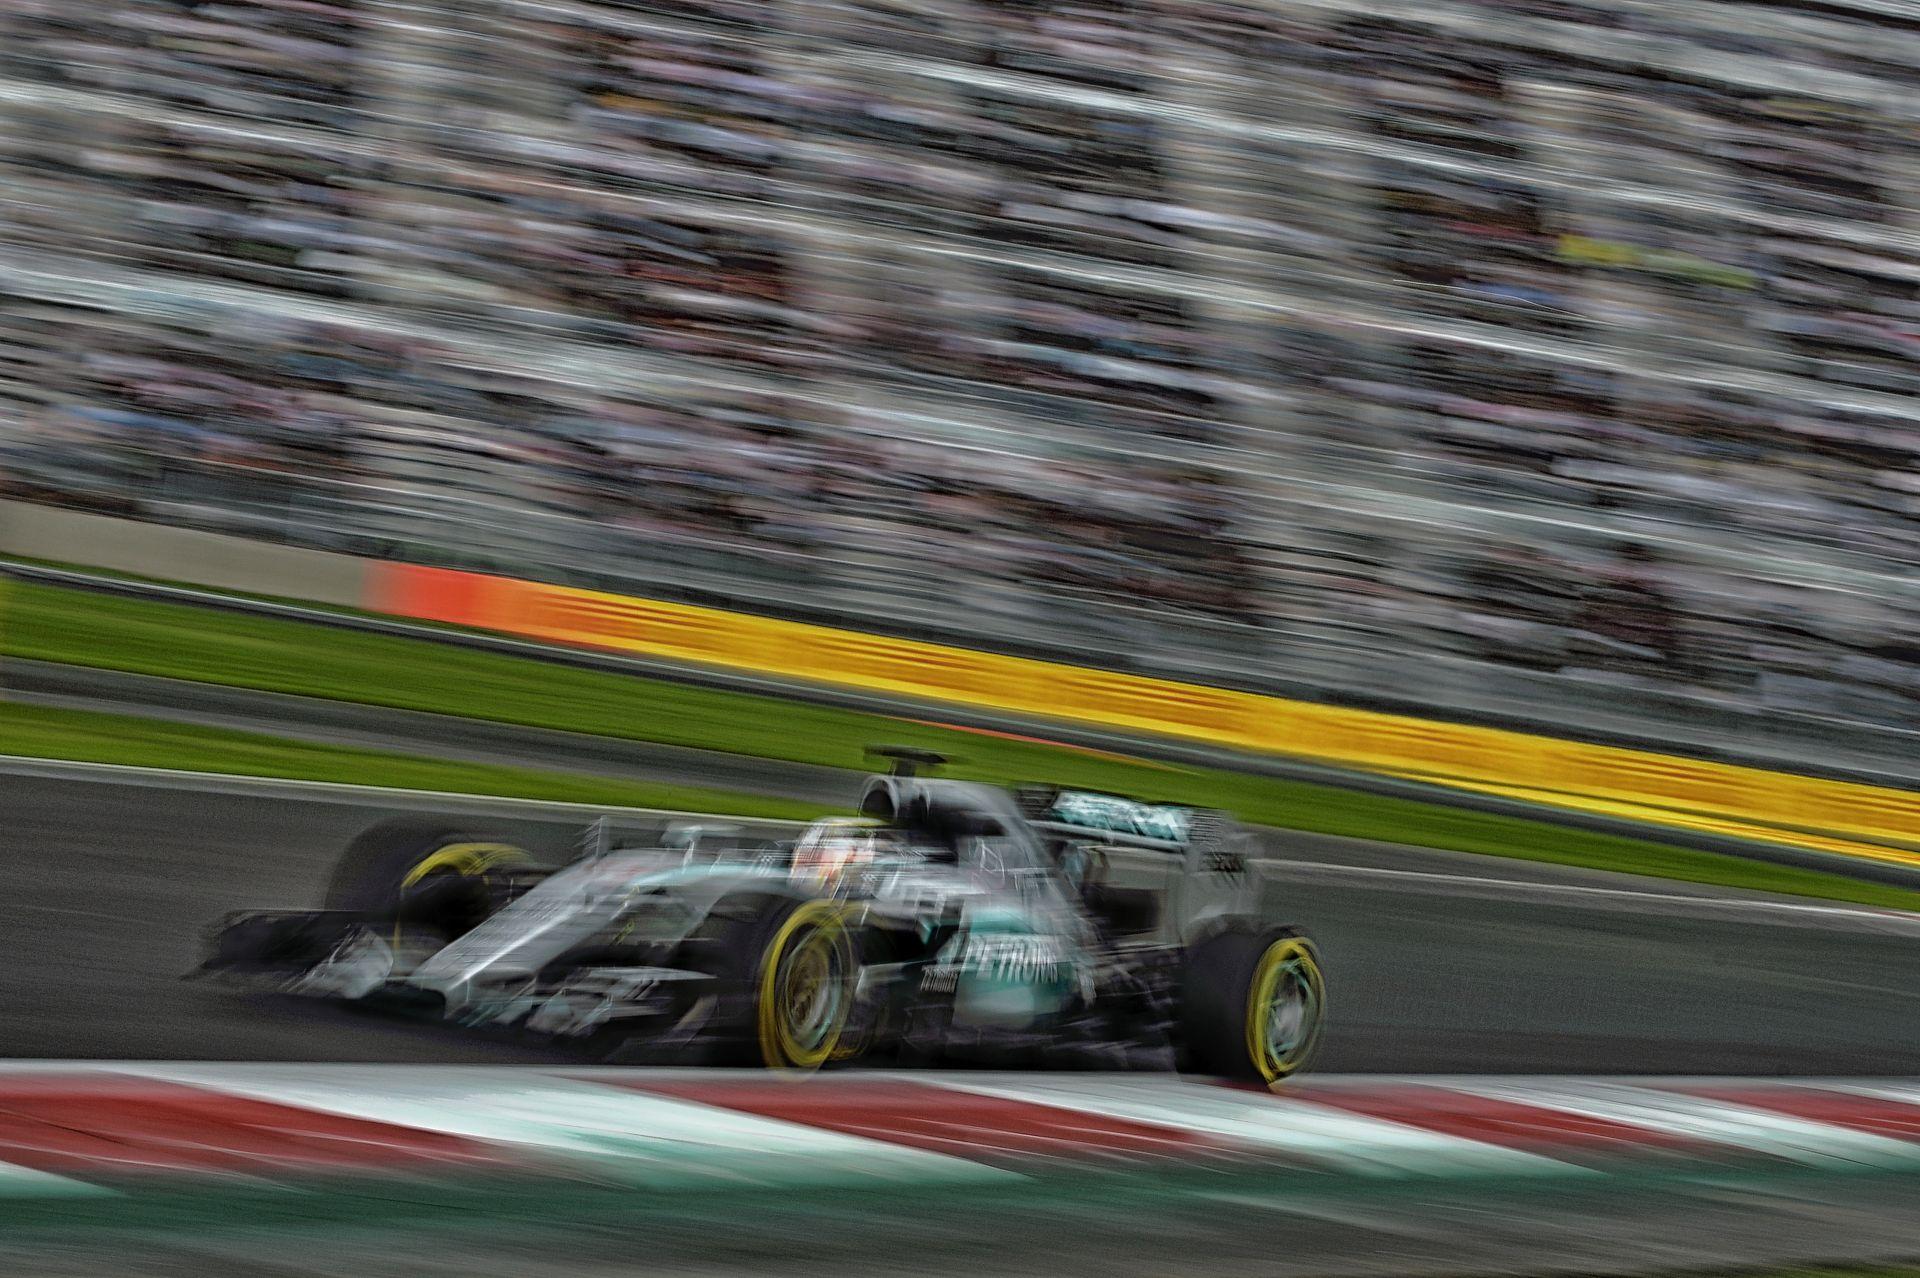 Ha a Mercedes változtat a stratégián, akkor mindkét versenyzőnek ki kell jönnie cserélni